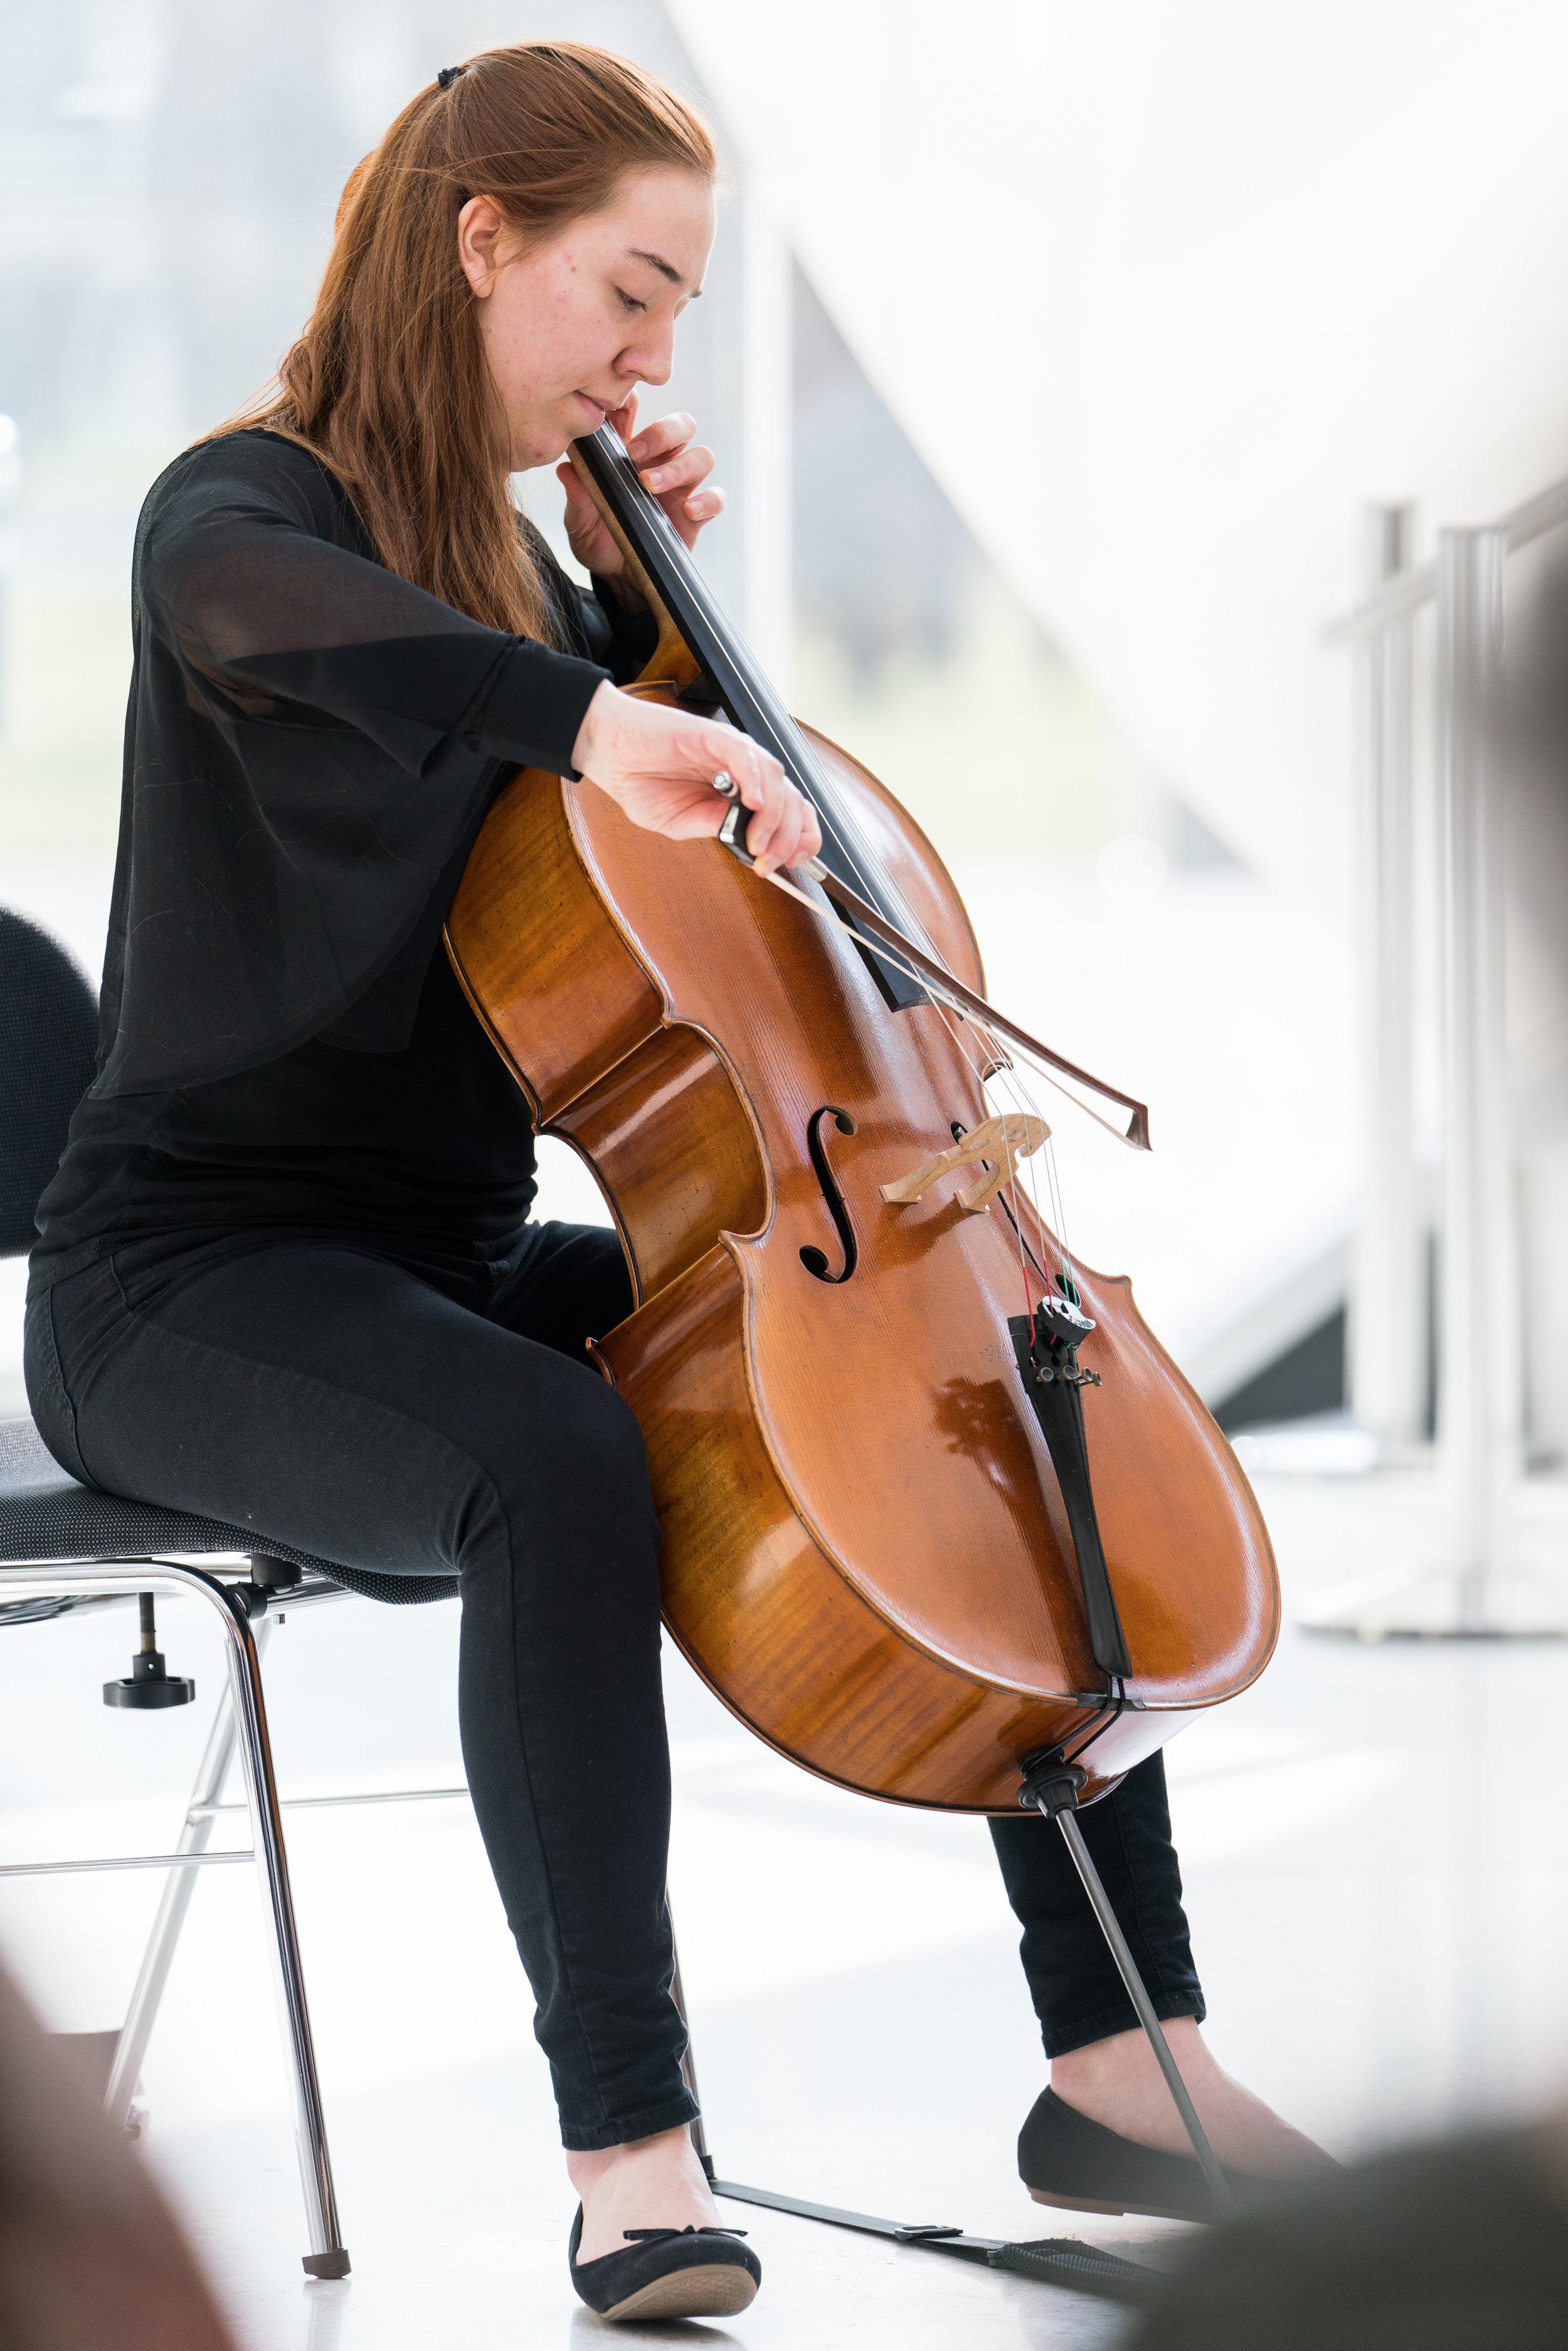 Konzert am Mittag - Cello20180206_025-036.jpg